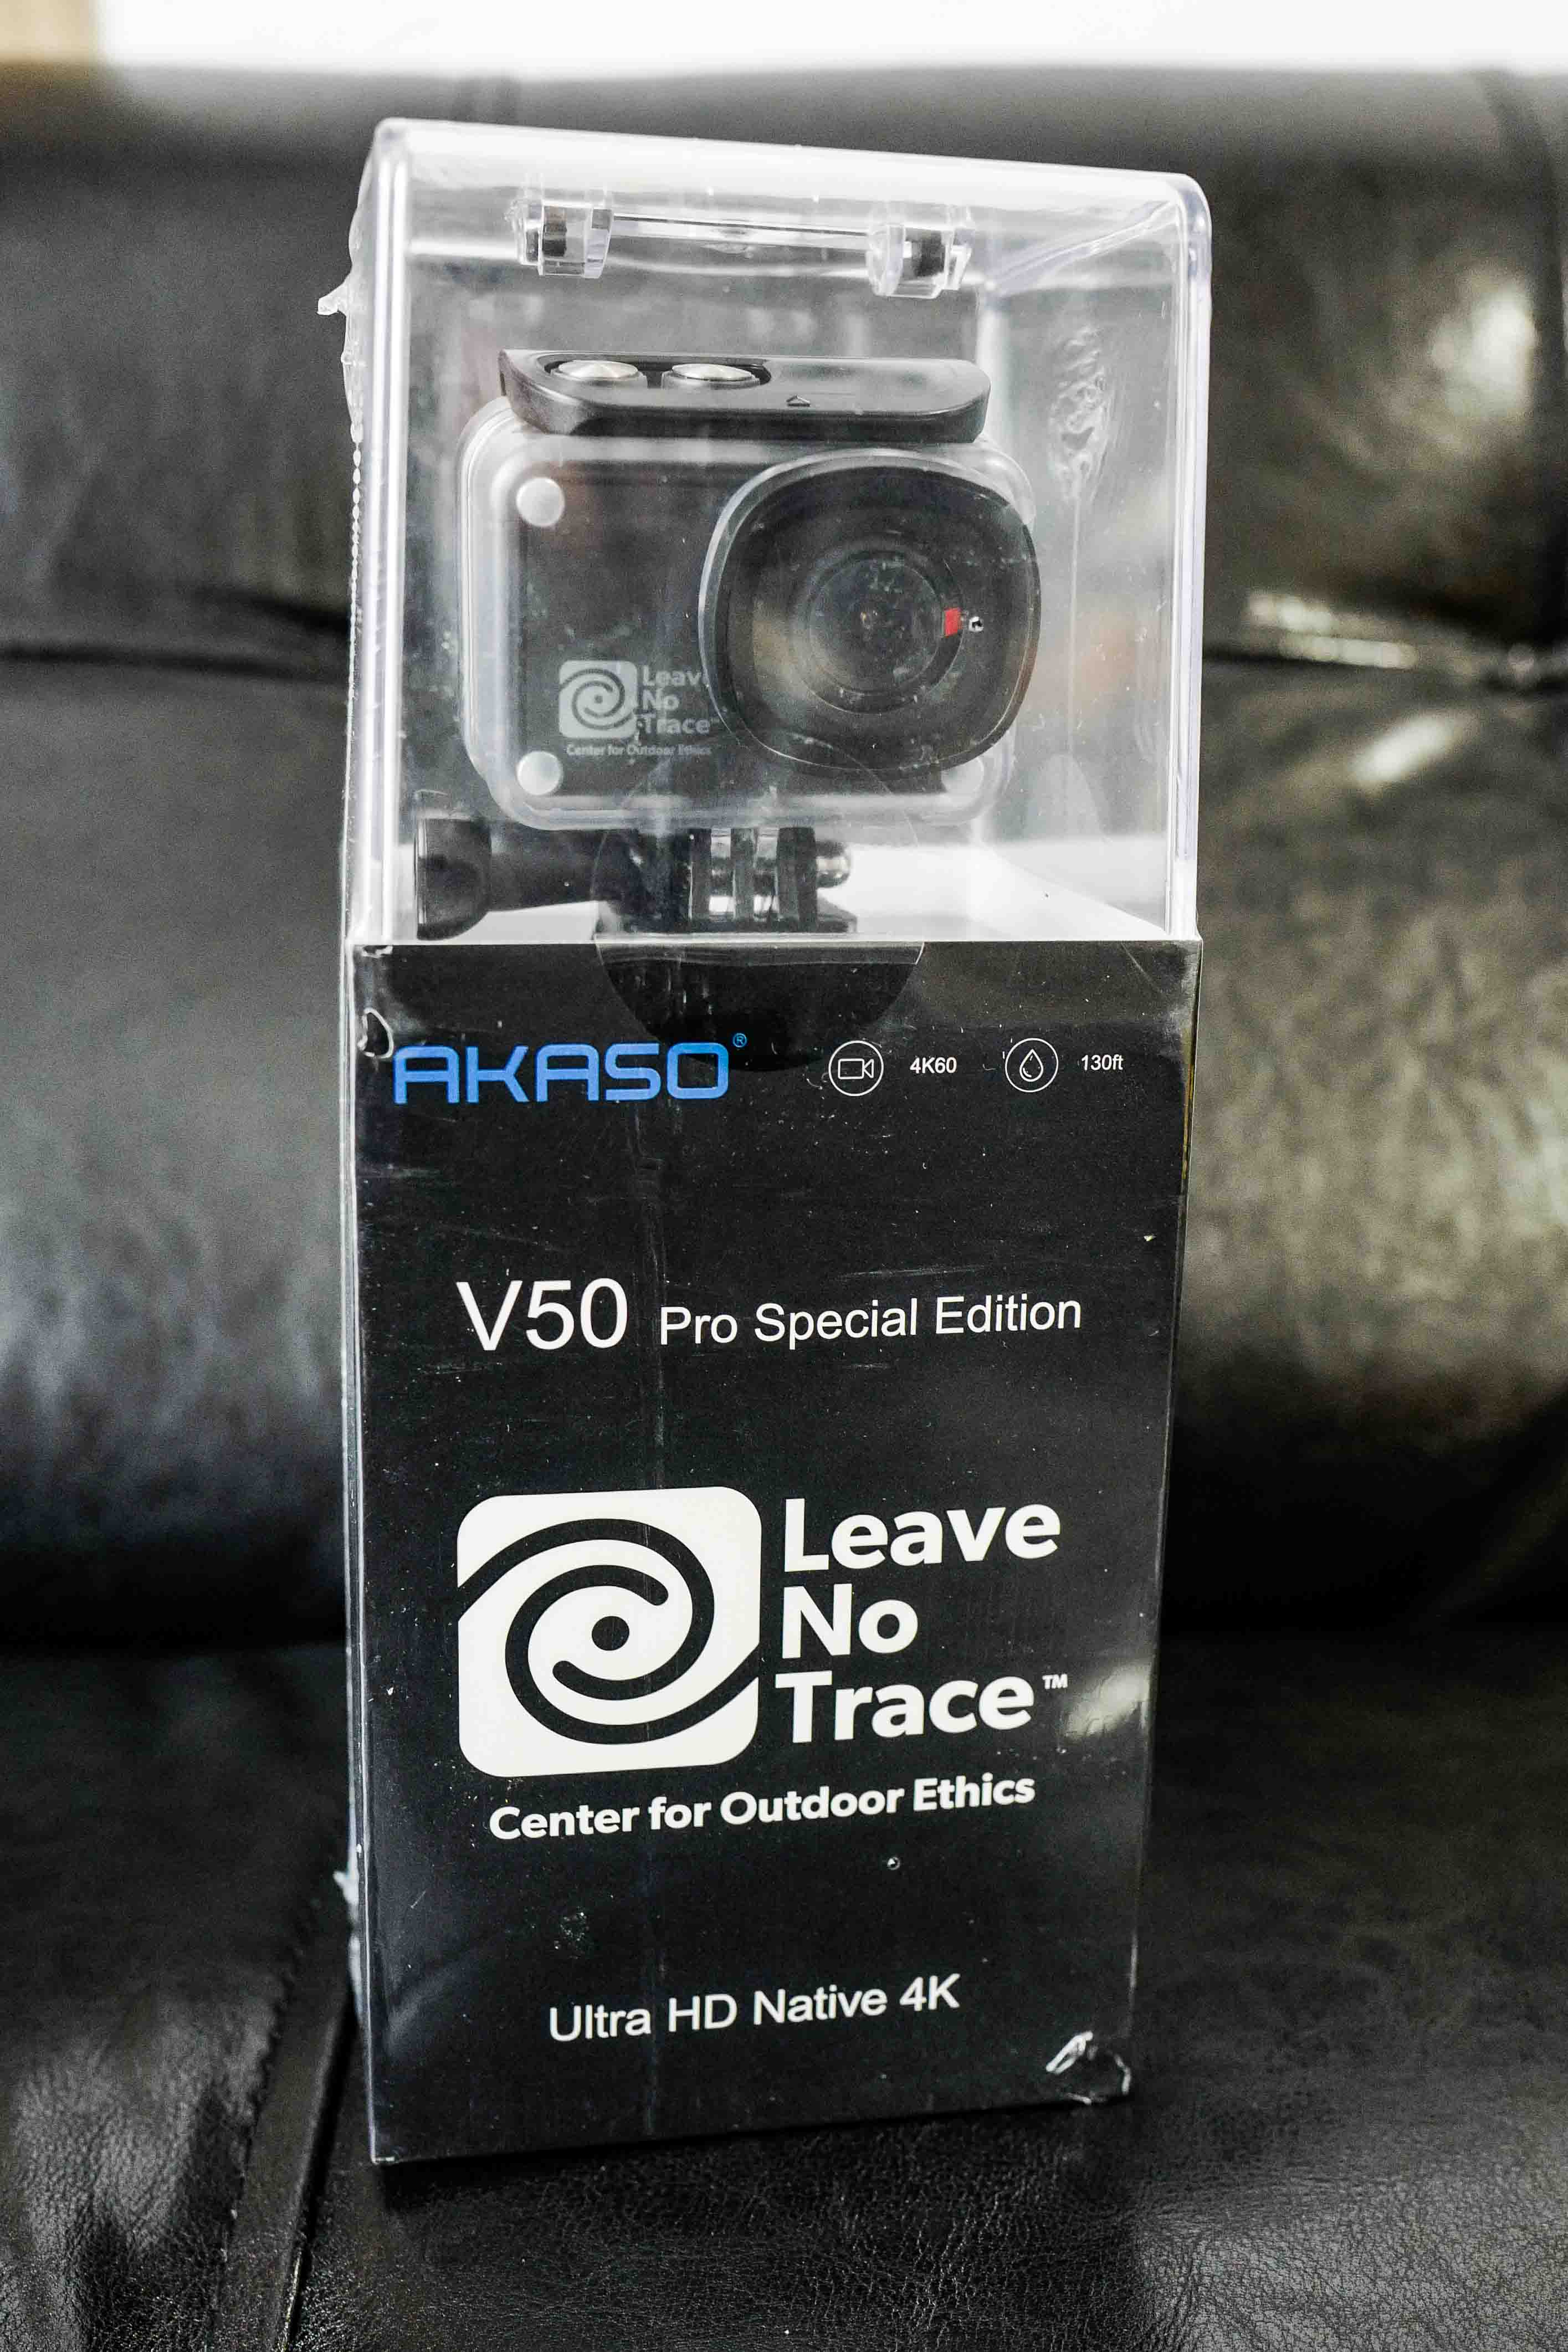 【モトブログ始めるならこのアクションカメラがおすすめ!】AKASO V50 Pro Seがコスパ抜群!